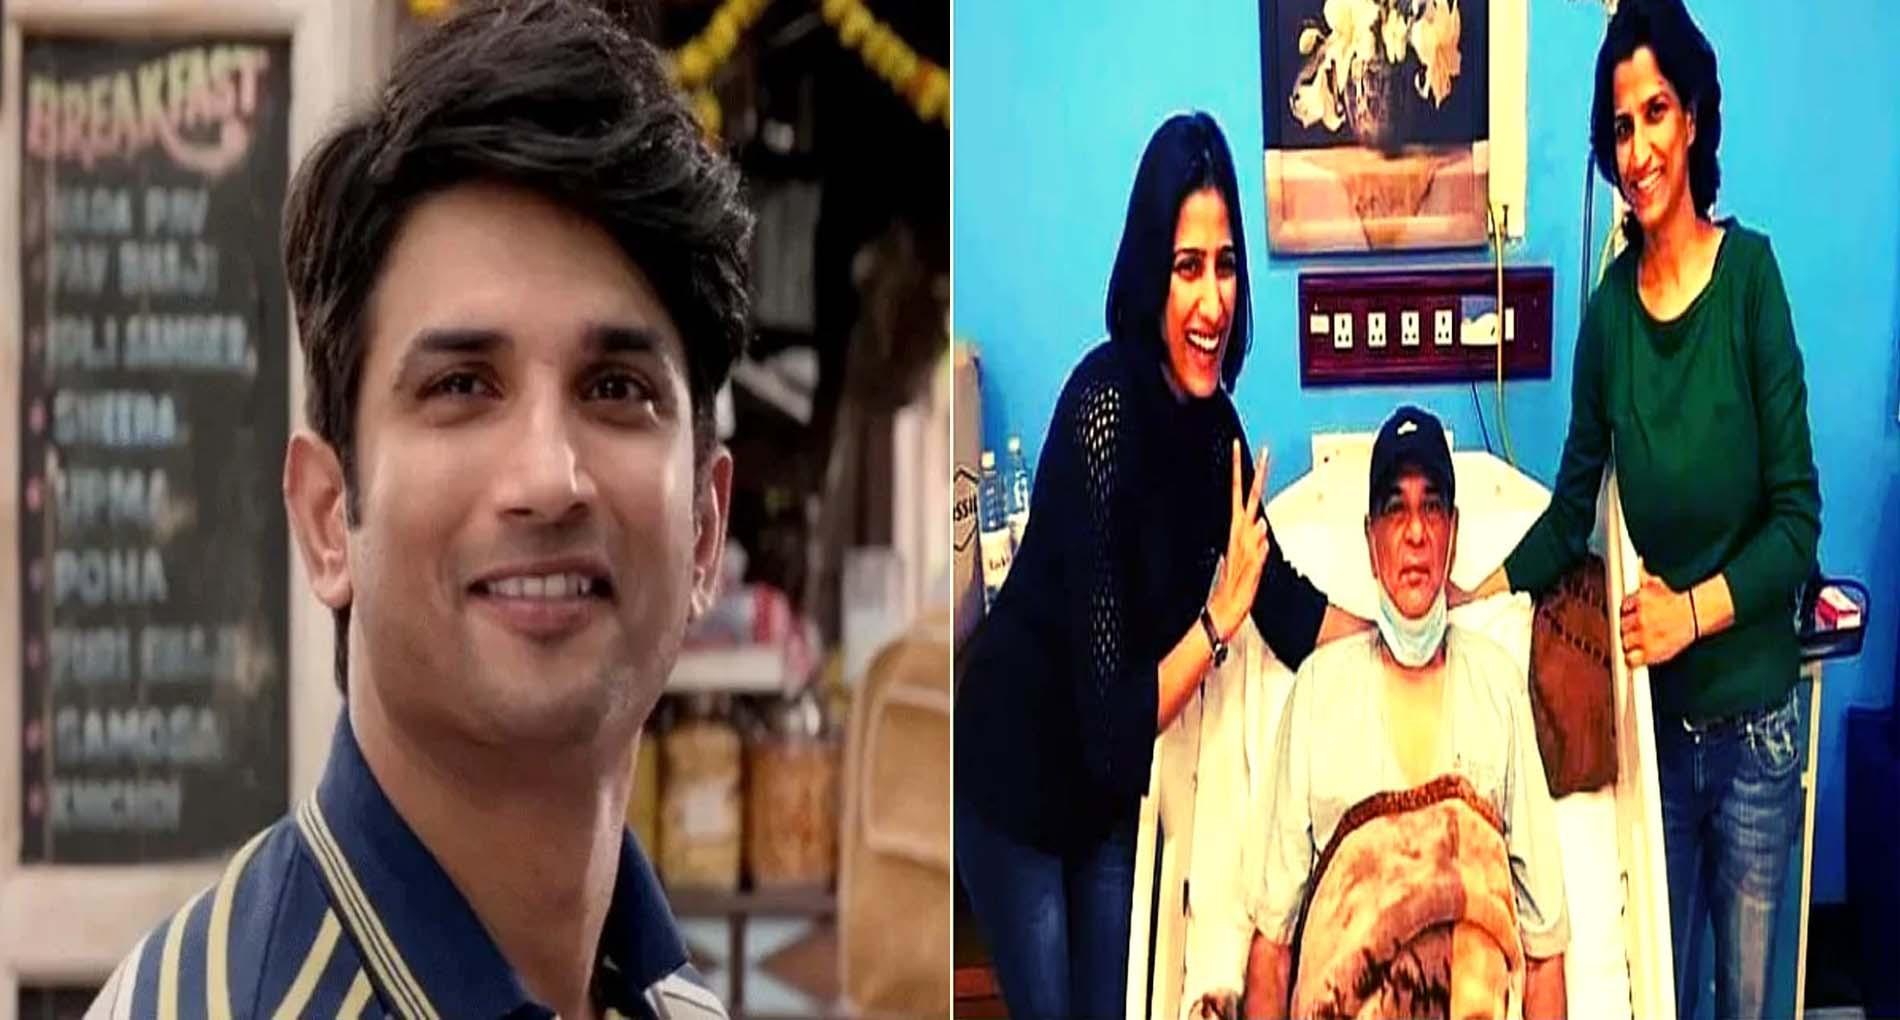 फिल्म 'छिछोरे' को मिले नेशनल अवॉर्ड पर भावुक हुए सुशांत के पिता, कहा- 'थोड़ी खुशी मिली…'